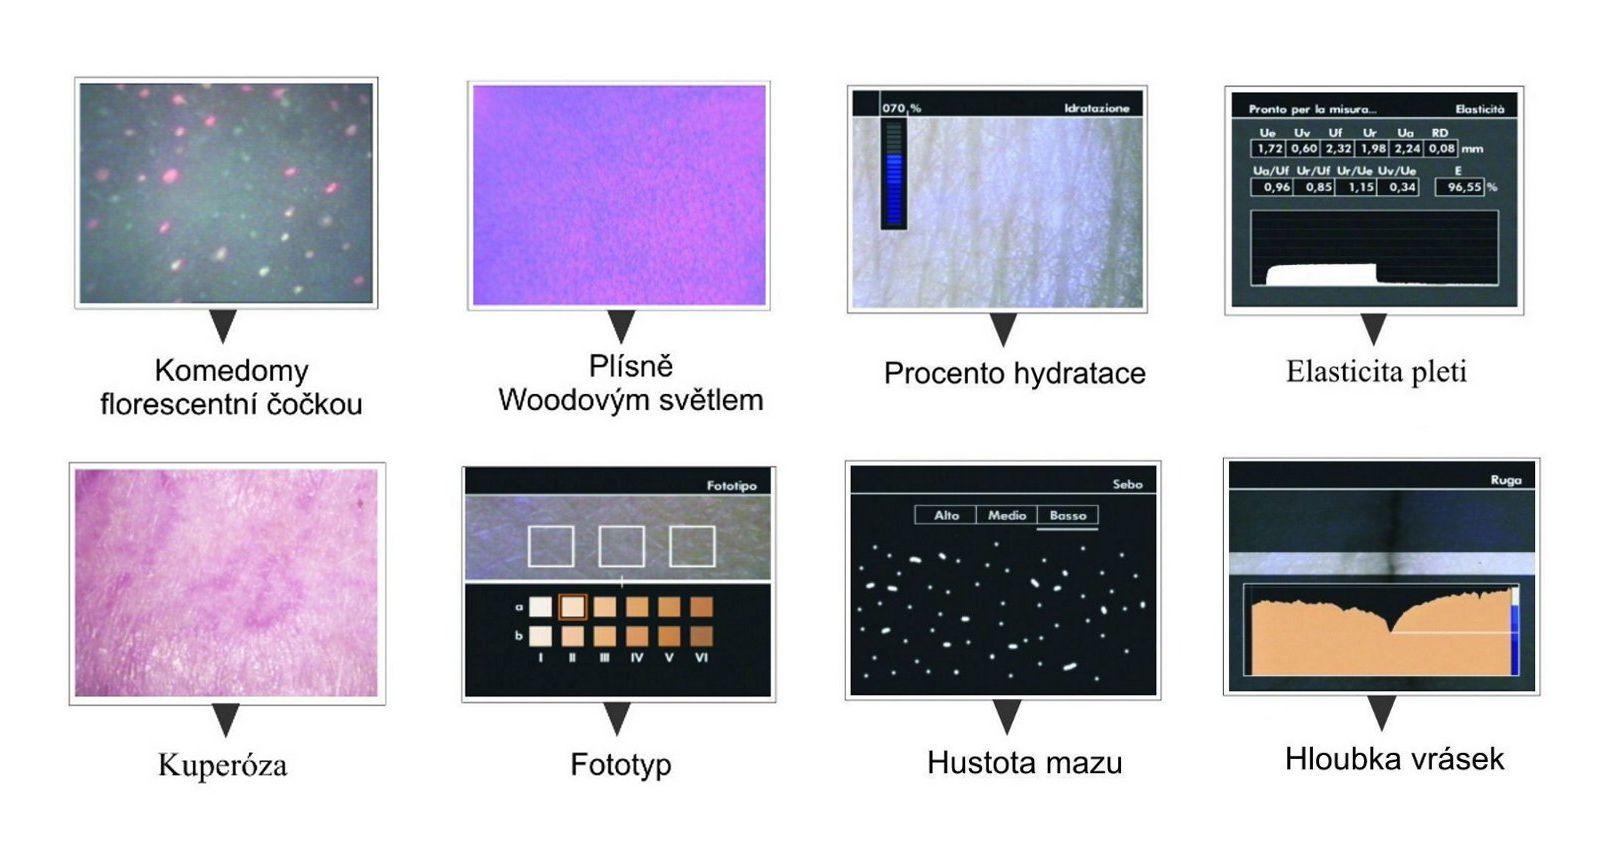 microkamera funkce